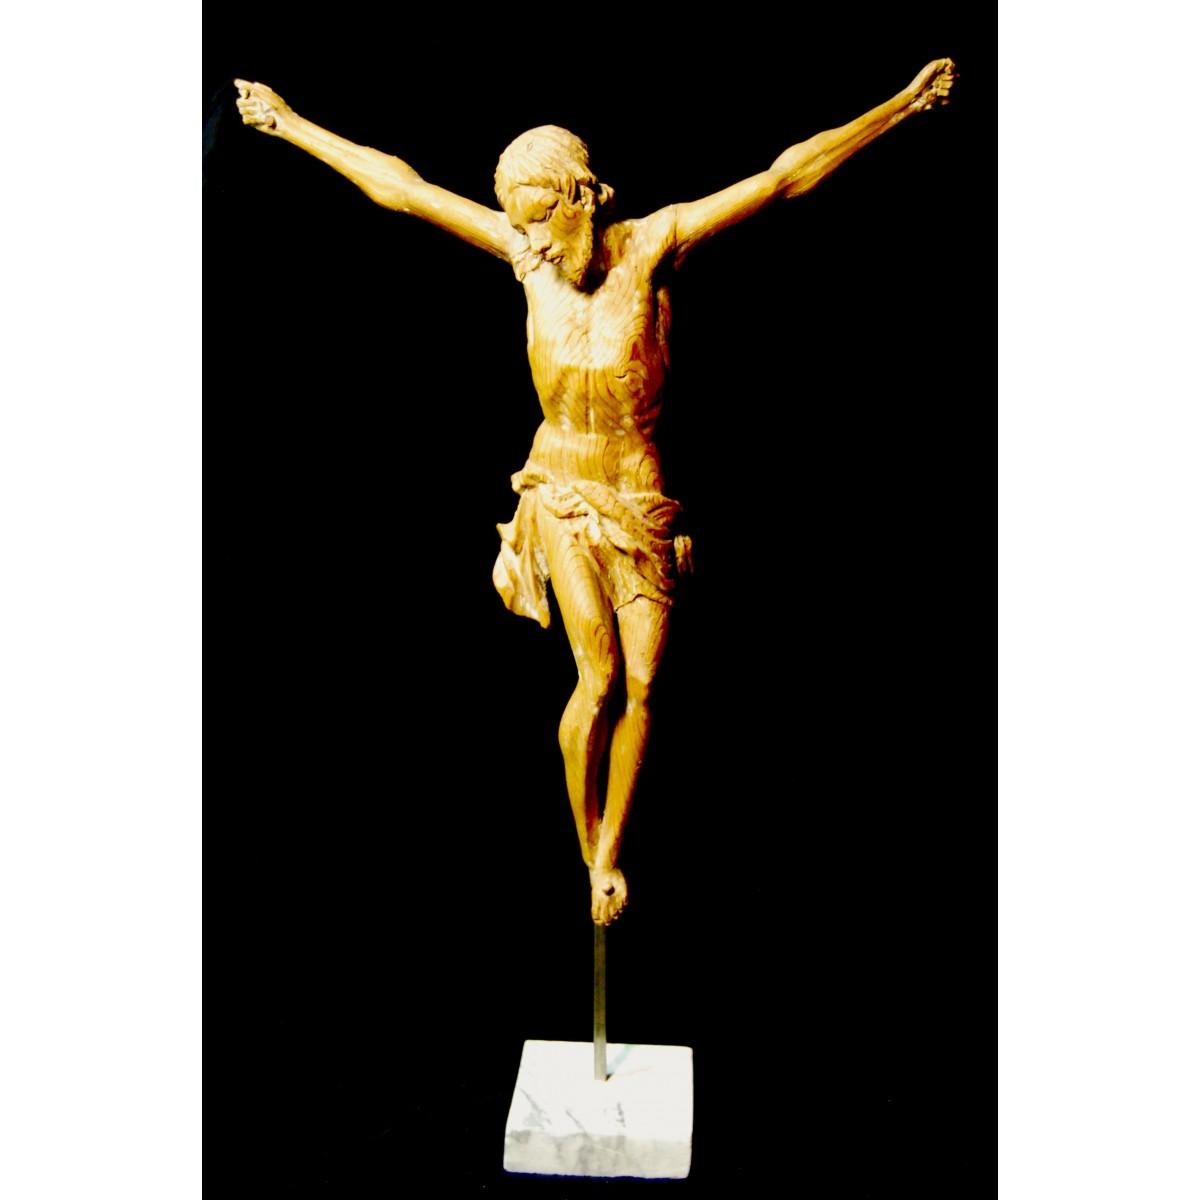 Cristo tallado del siglo XVIII.